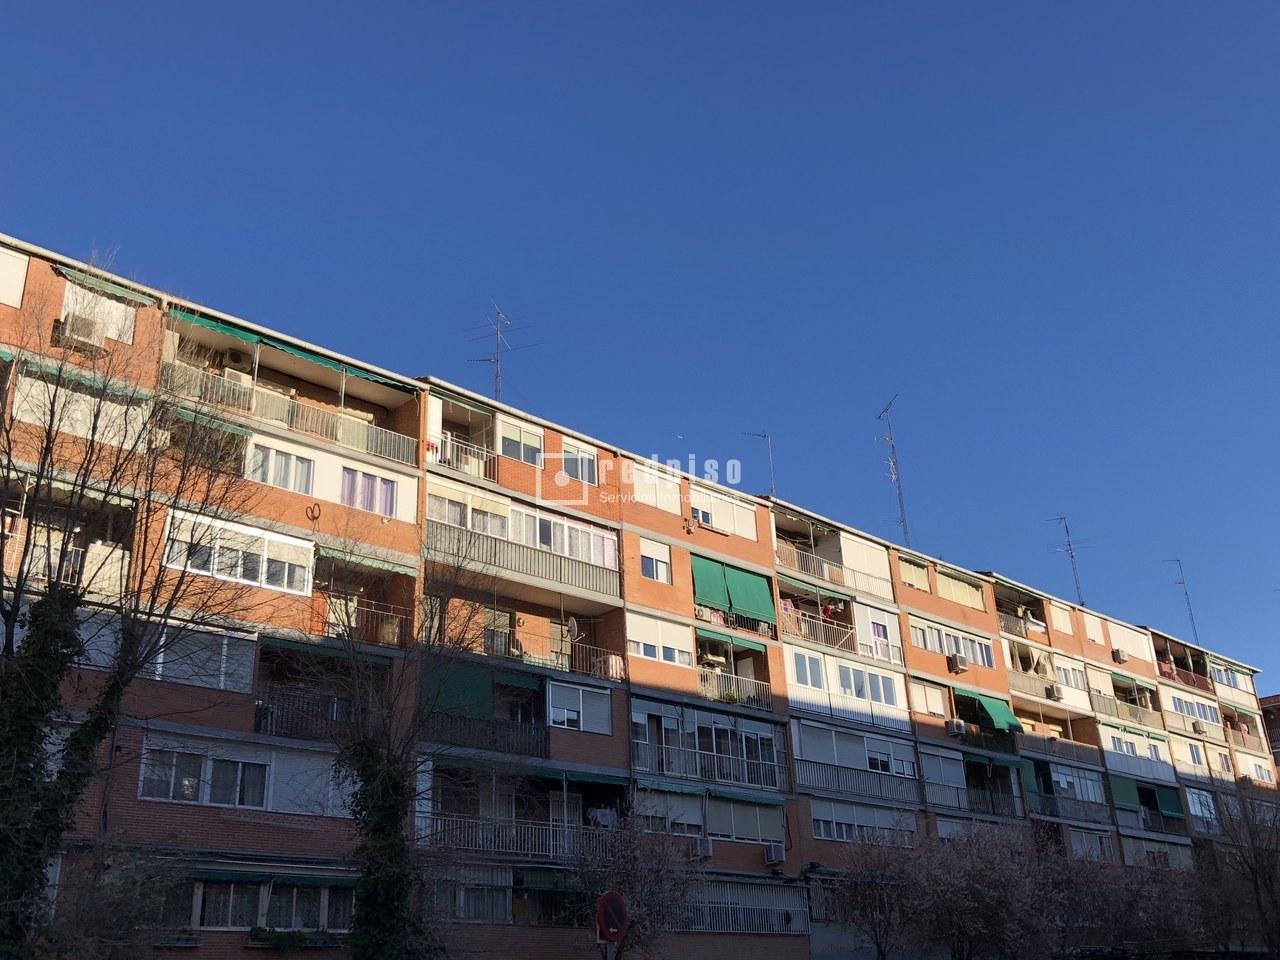 Piso en venta en calle camarena aluche latina madrid for Pisos en subasta madrid